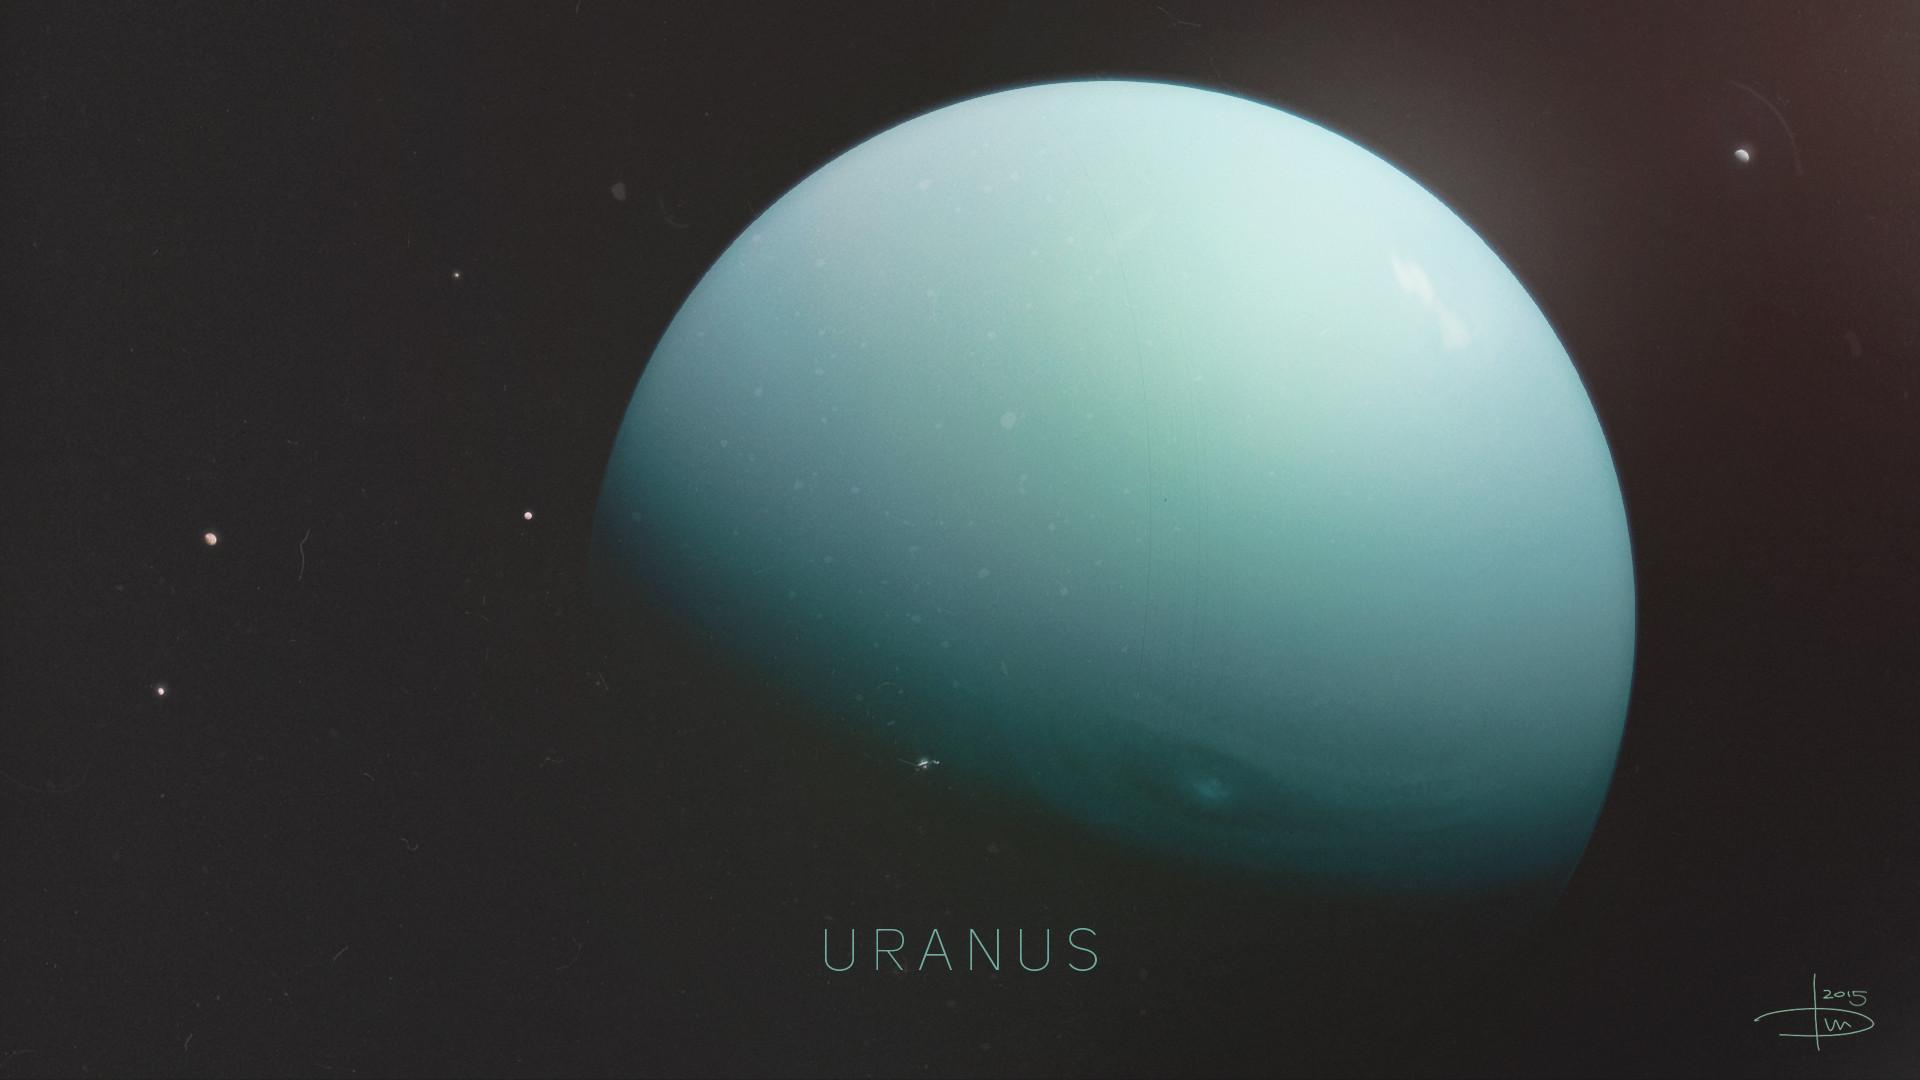 dmitry-bogoljubov-uranus